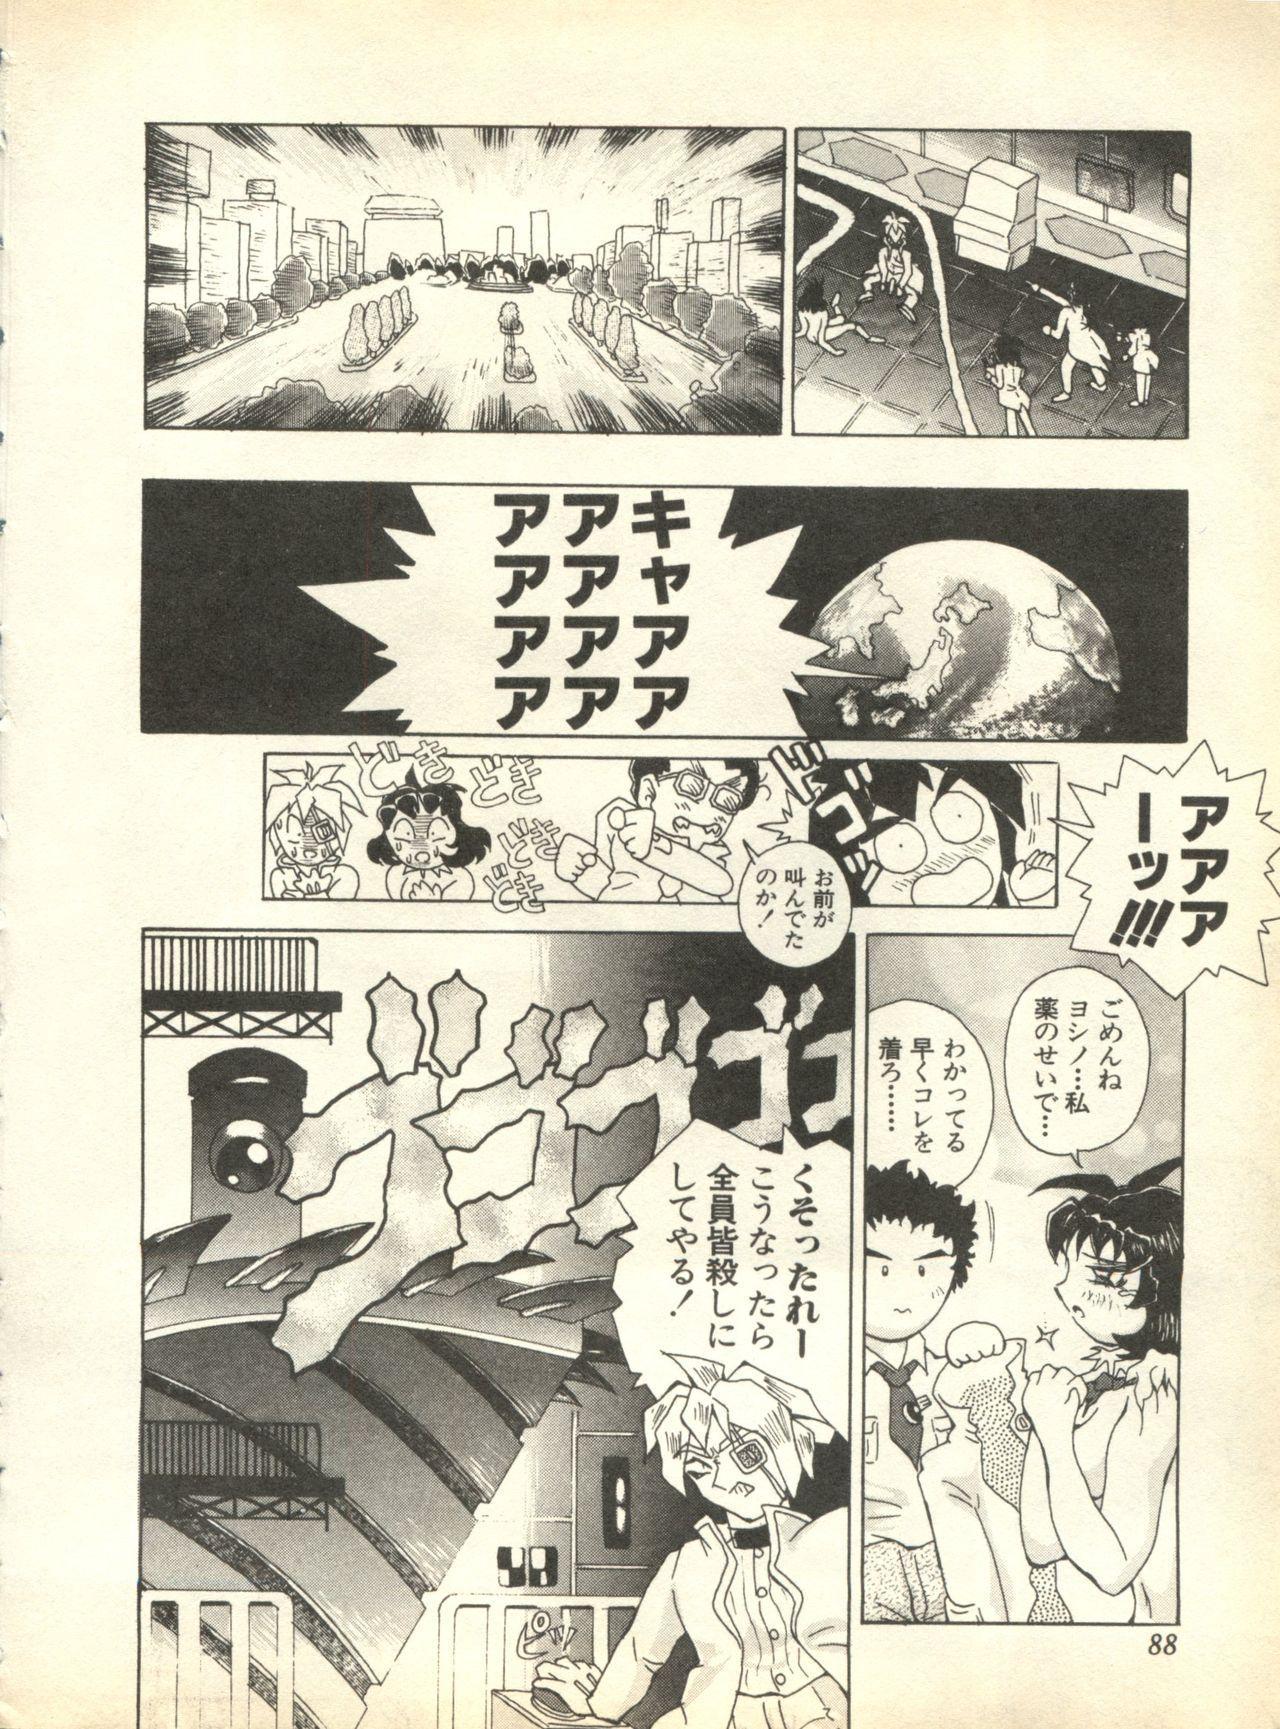 Pai;kuu 1998 October Vol. 13 87